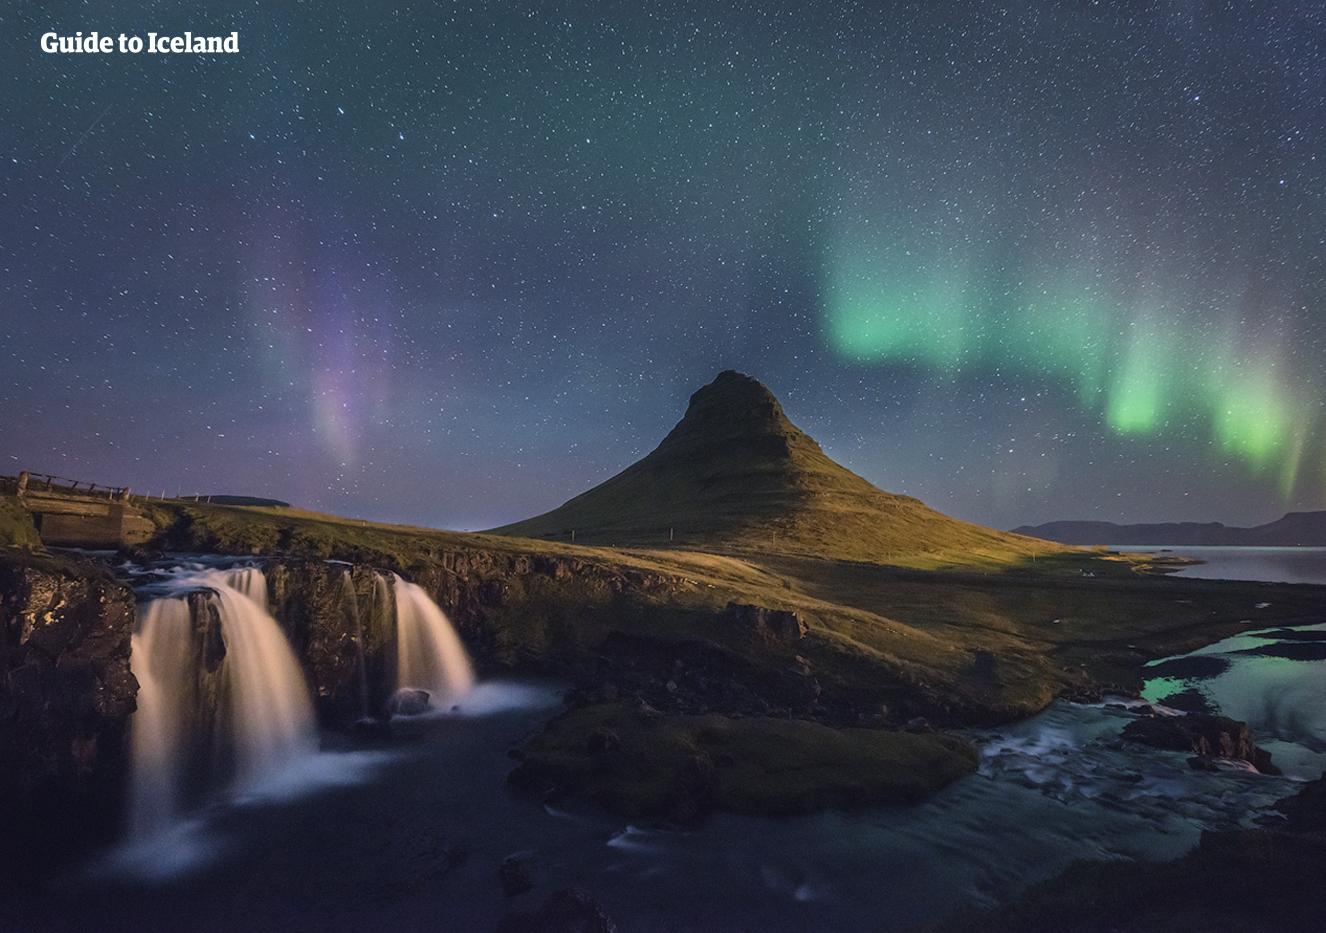 13-dniowa zimowa, samodzielna wycieczka po całej obwodnicy Islandii i półwyspie Snaefellsnes - day 3